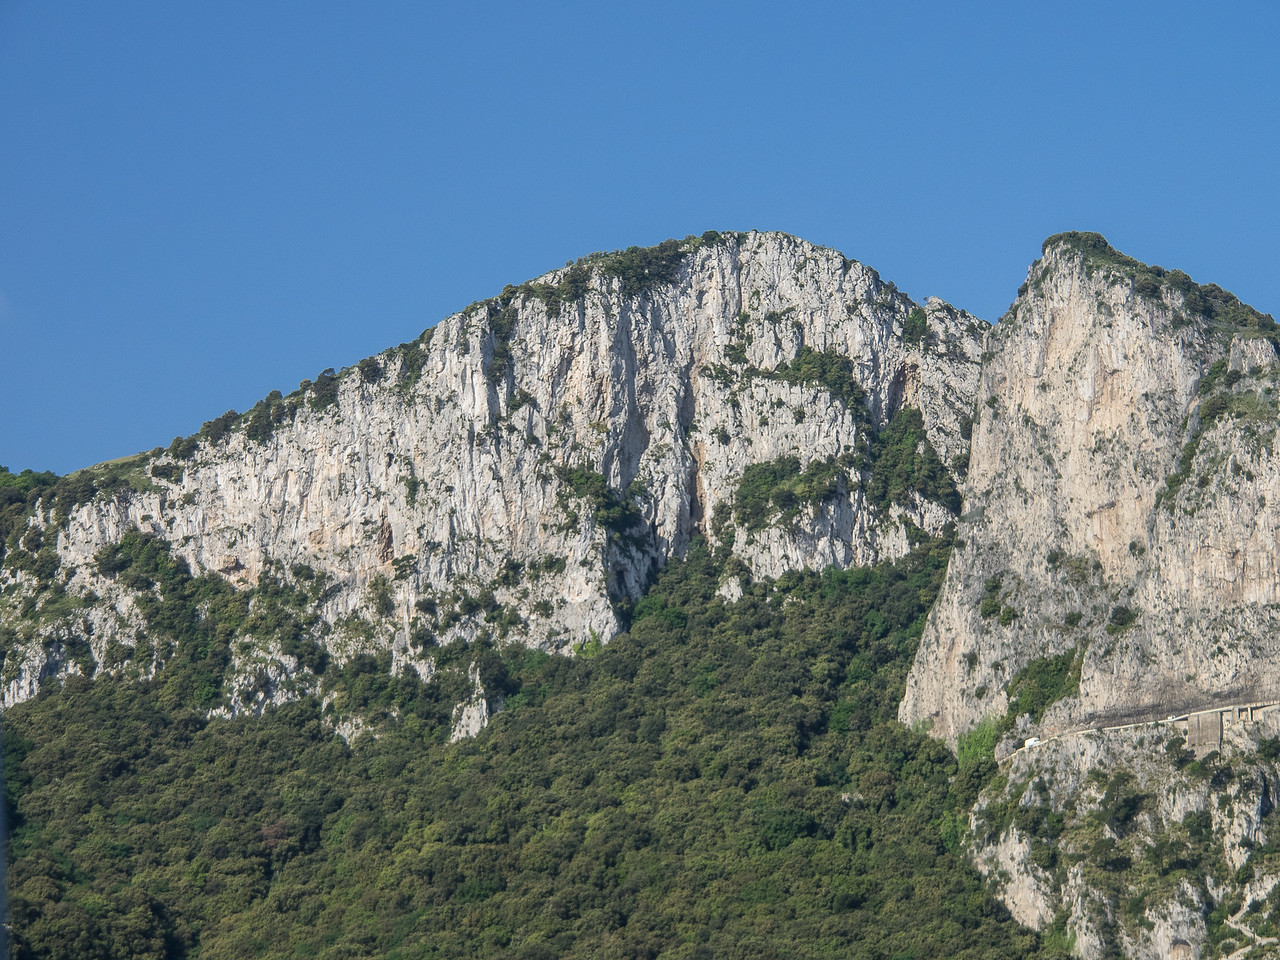 Capri from the sea